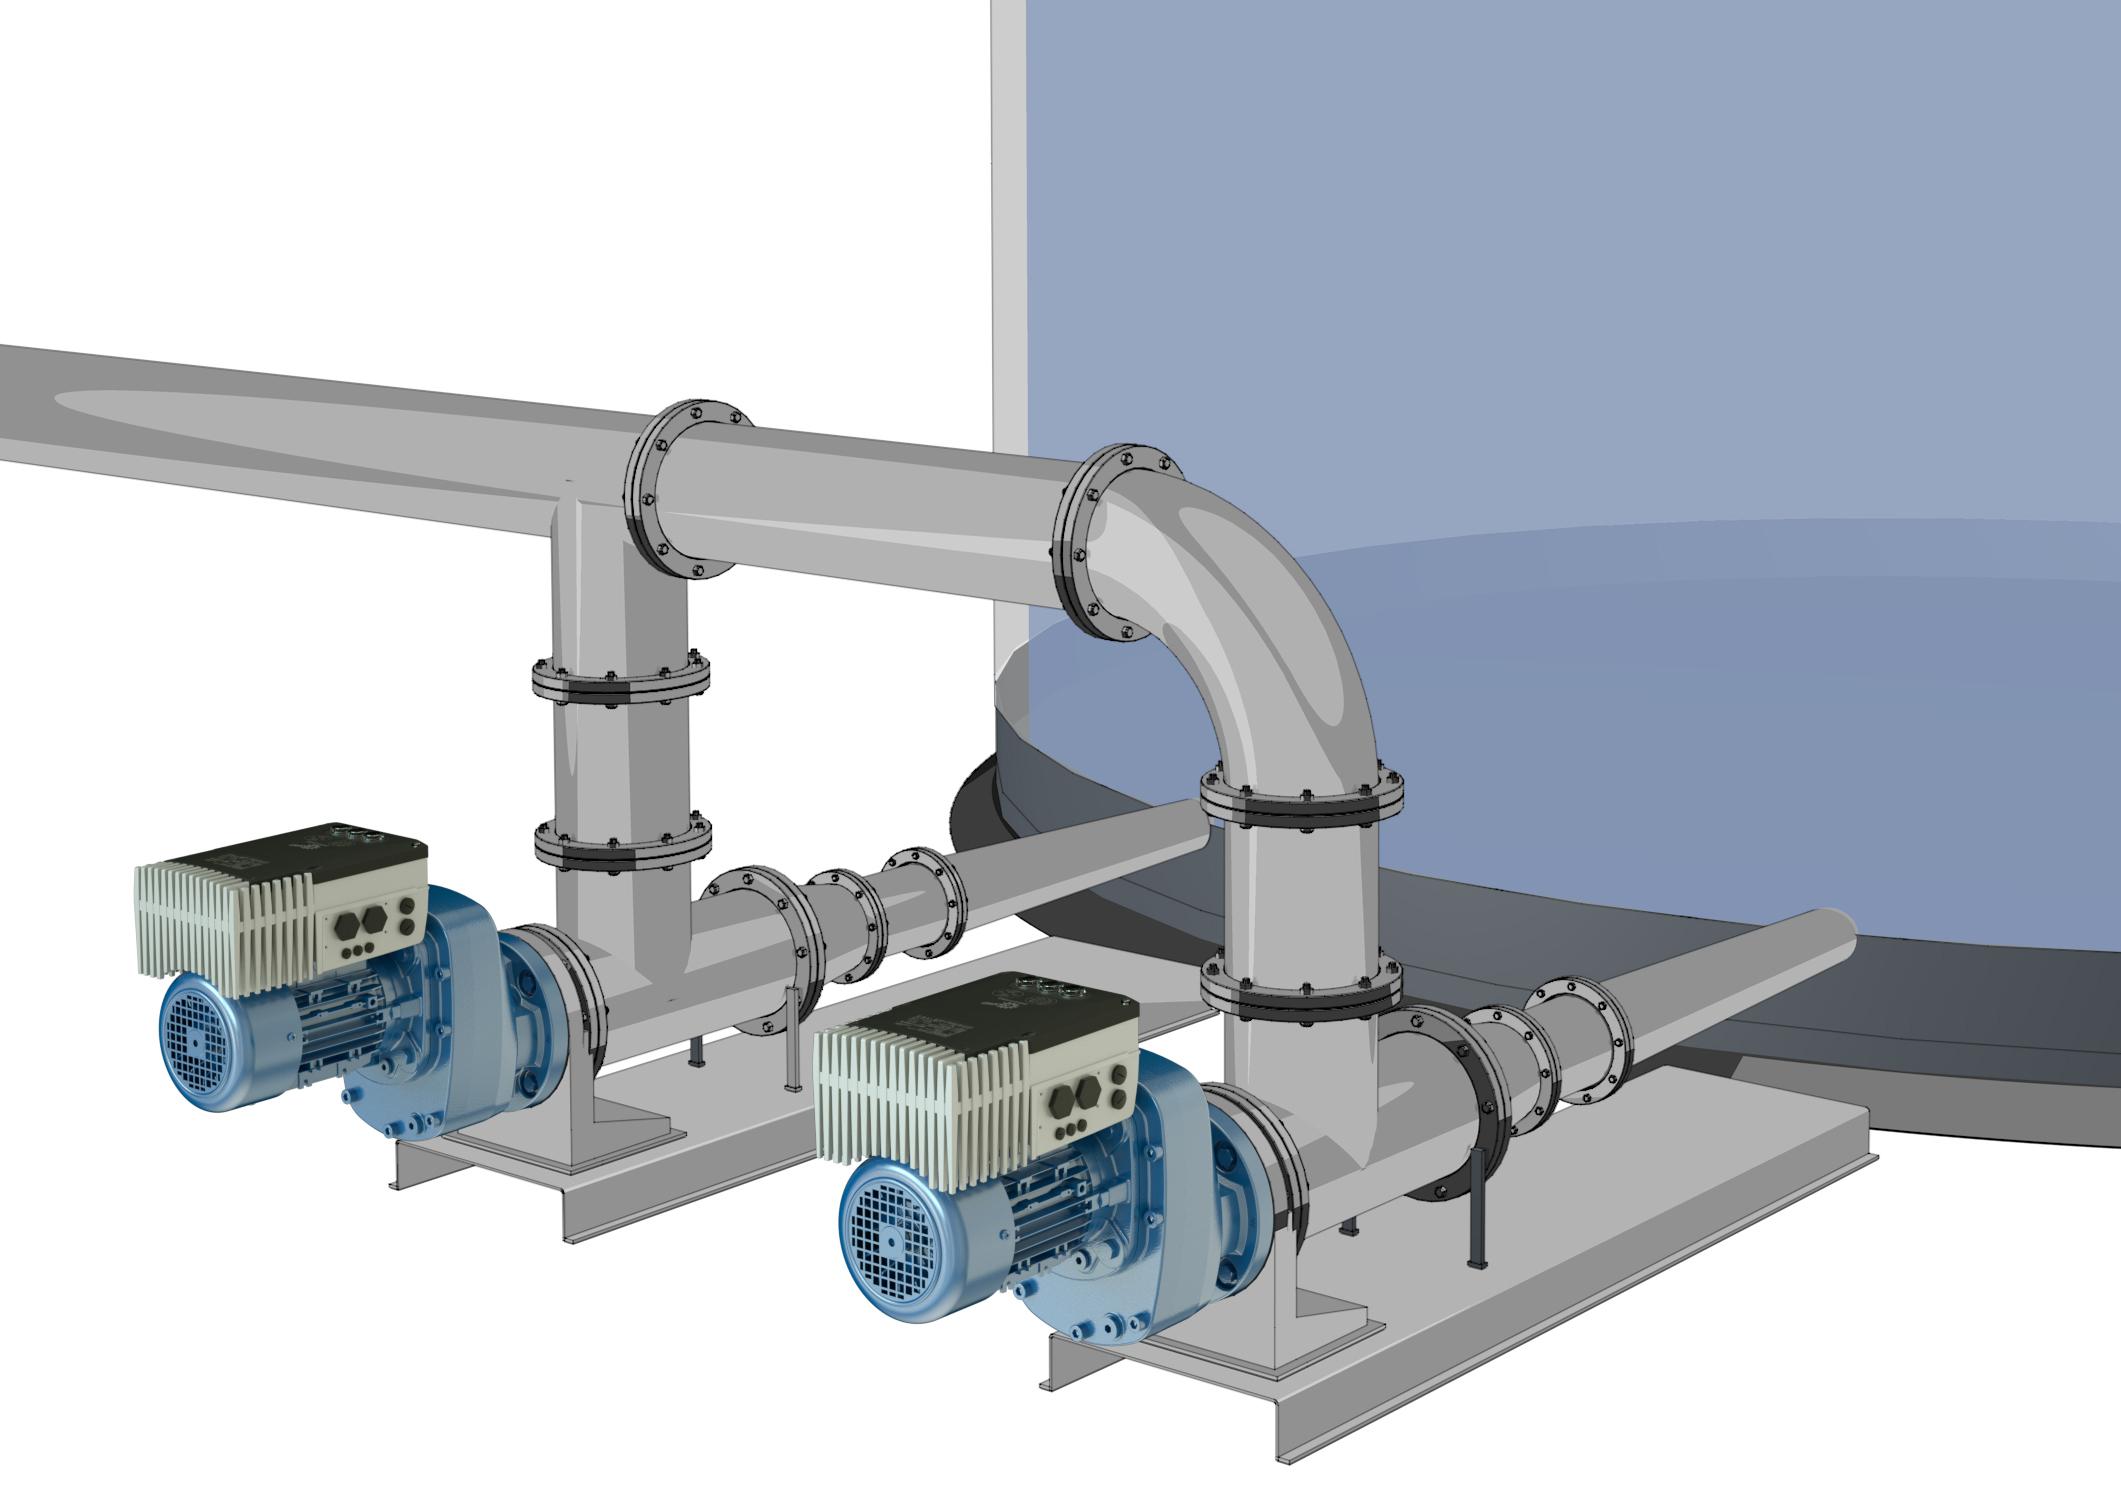 Der Frequenzumrichter wird direkt am Motor installiert. Das erlaubt, die Antriebe ohne große Veränderungen innerhalb der Anlage zu integrieren.